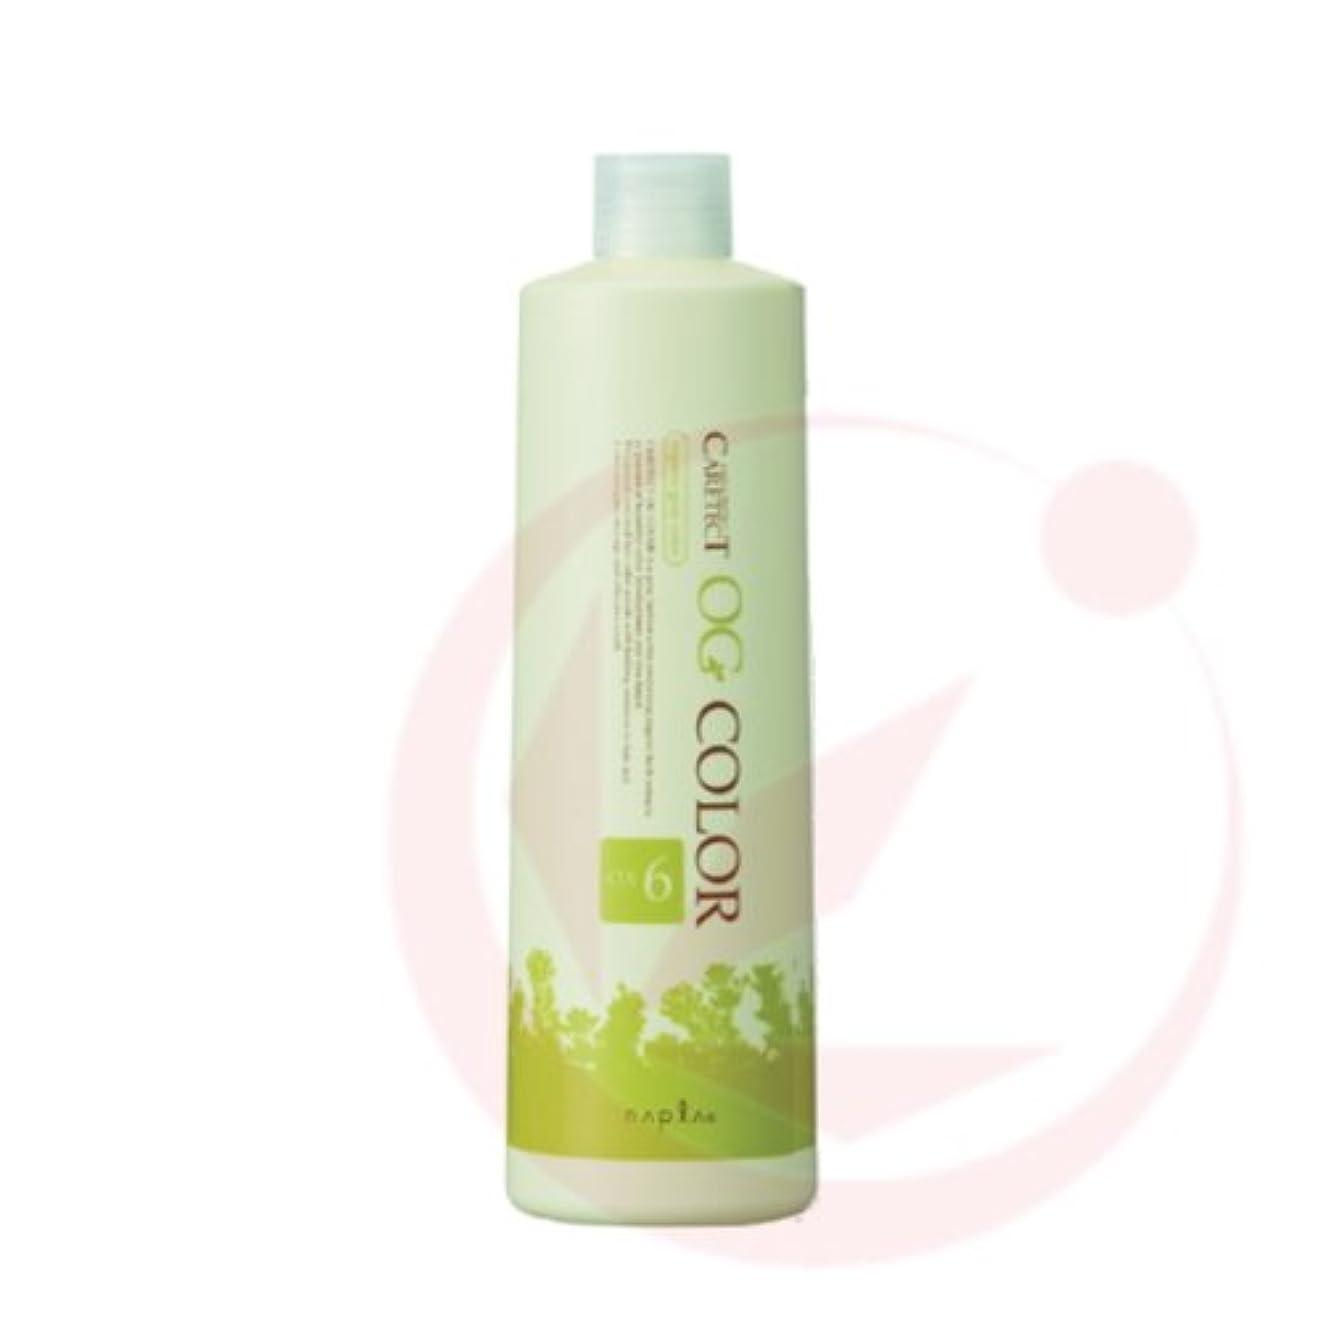 汚物やめる雑品ナプラ ケアテクトOG カラー オキシ OX3% 1000ml(2剤)